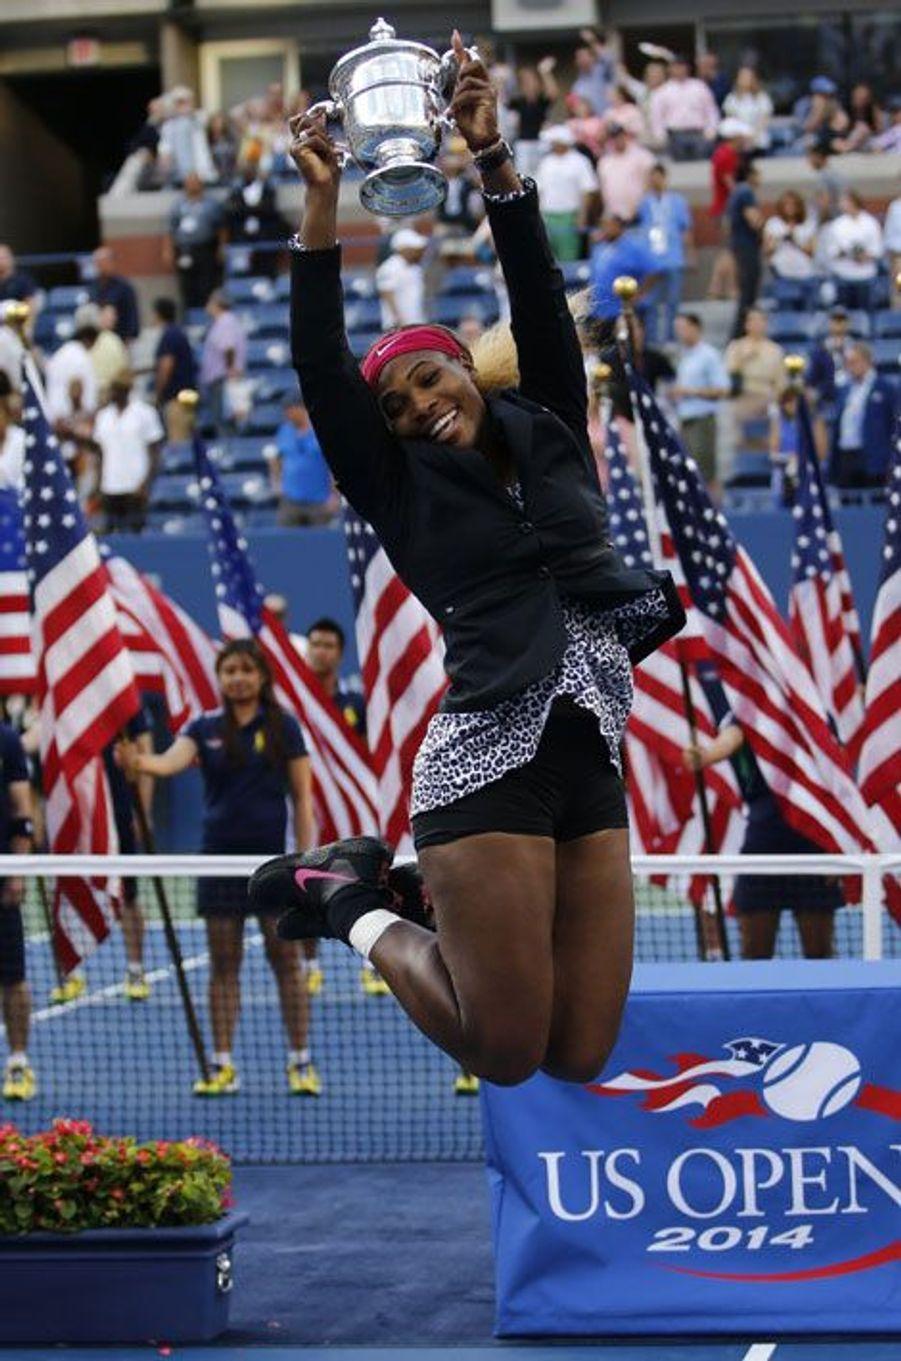 Serena Williams est fière de son nouveau trophée. L'Américaine, tombeuse de Caroline Wozniacki, a remporté l'U.S Open dimanche.